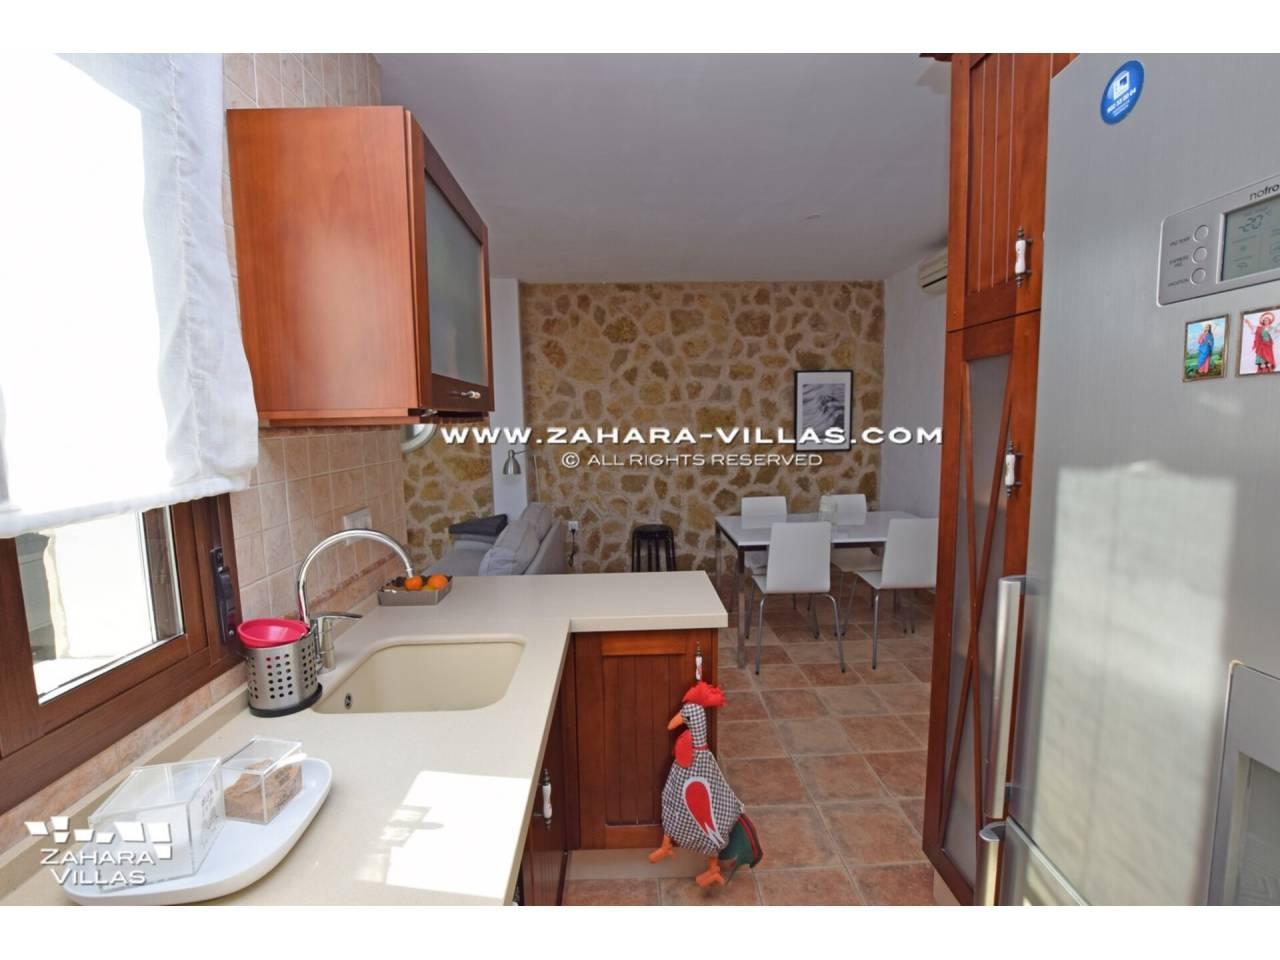 Imagen 39 de Haus zum verkauf in Zahara de los Atunes